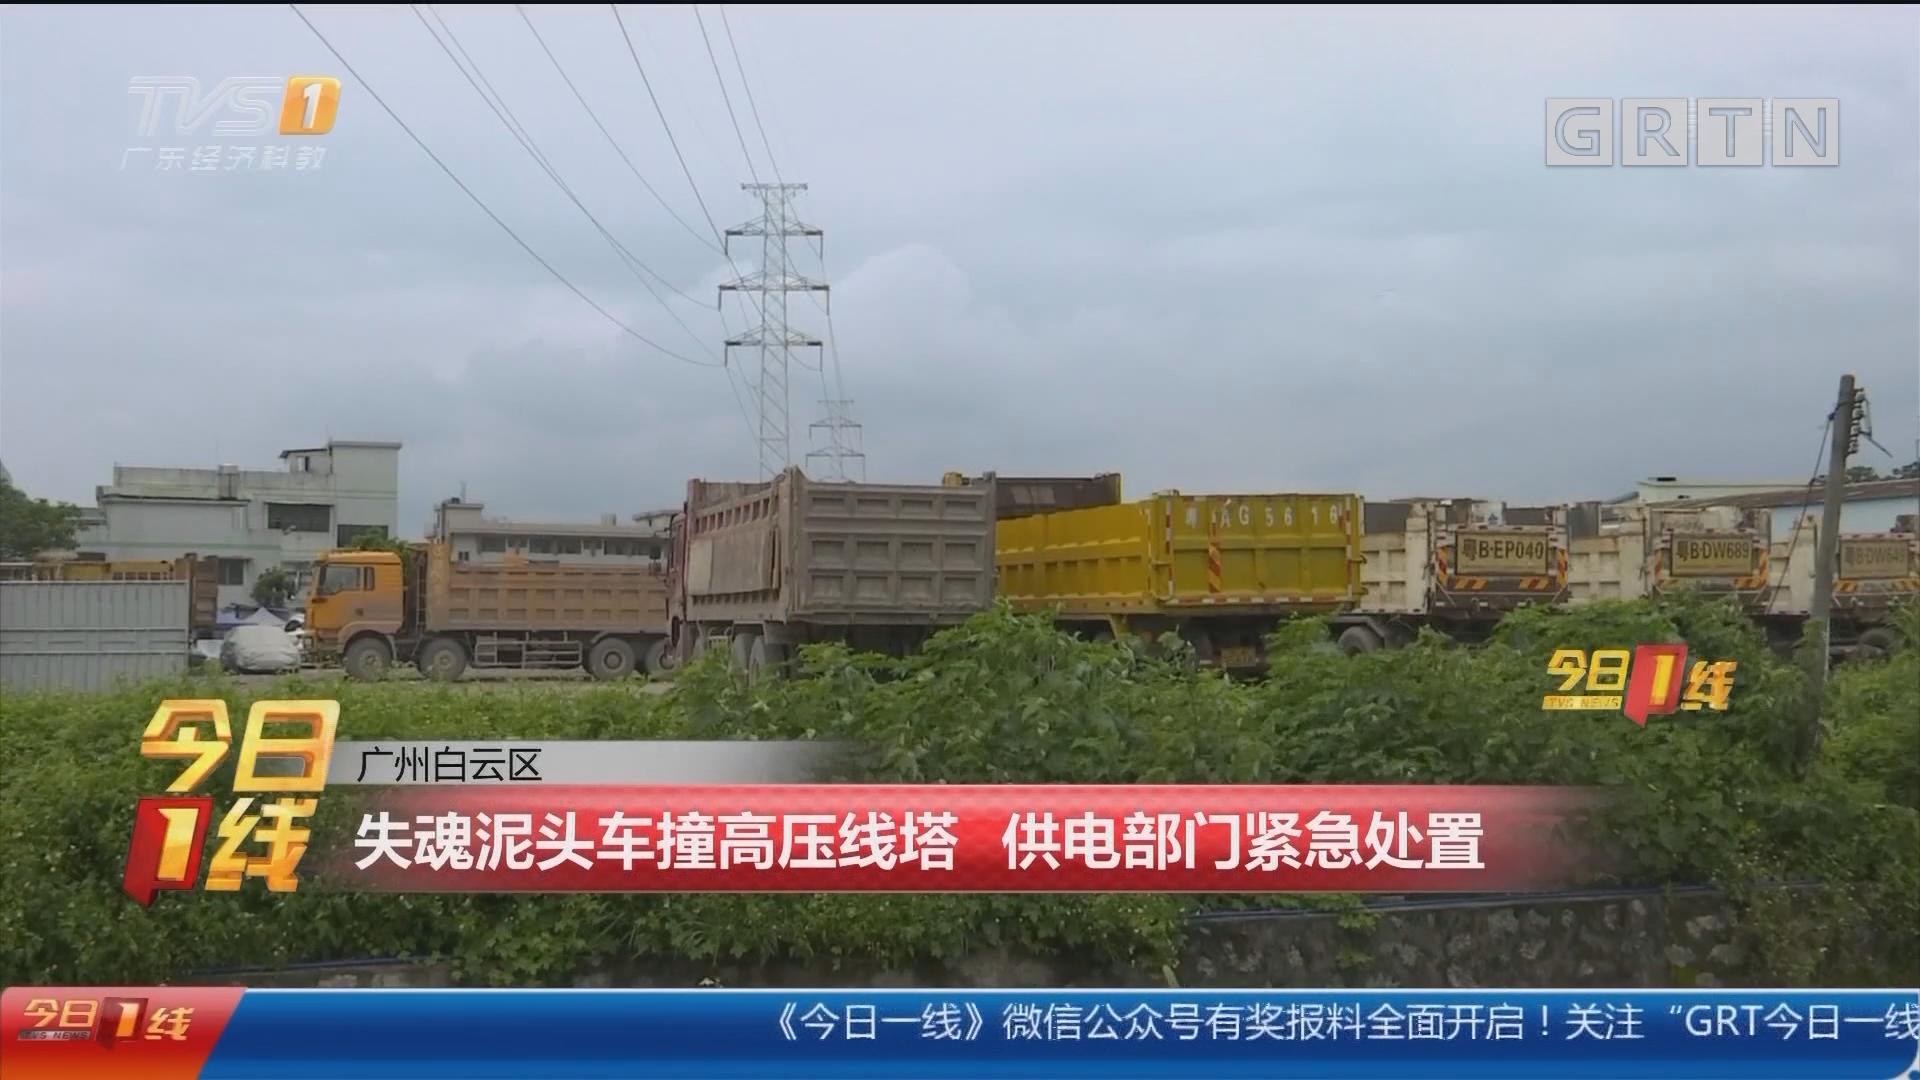 广州白云区:失魂泥头车撞高压线塔 供电部门紧急处置